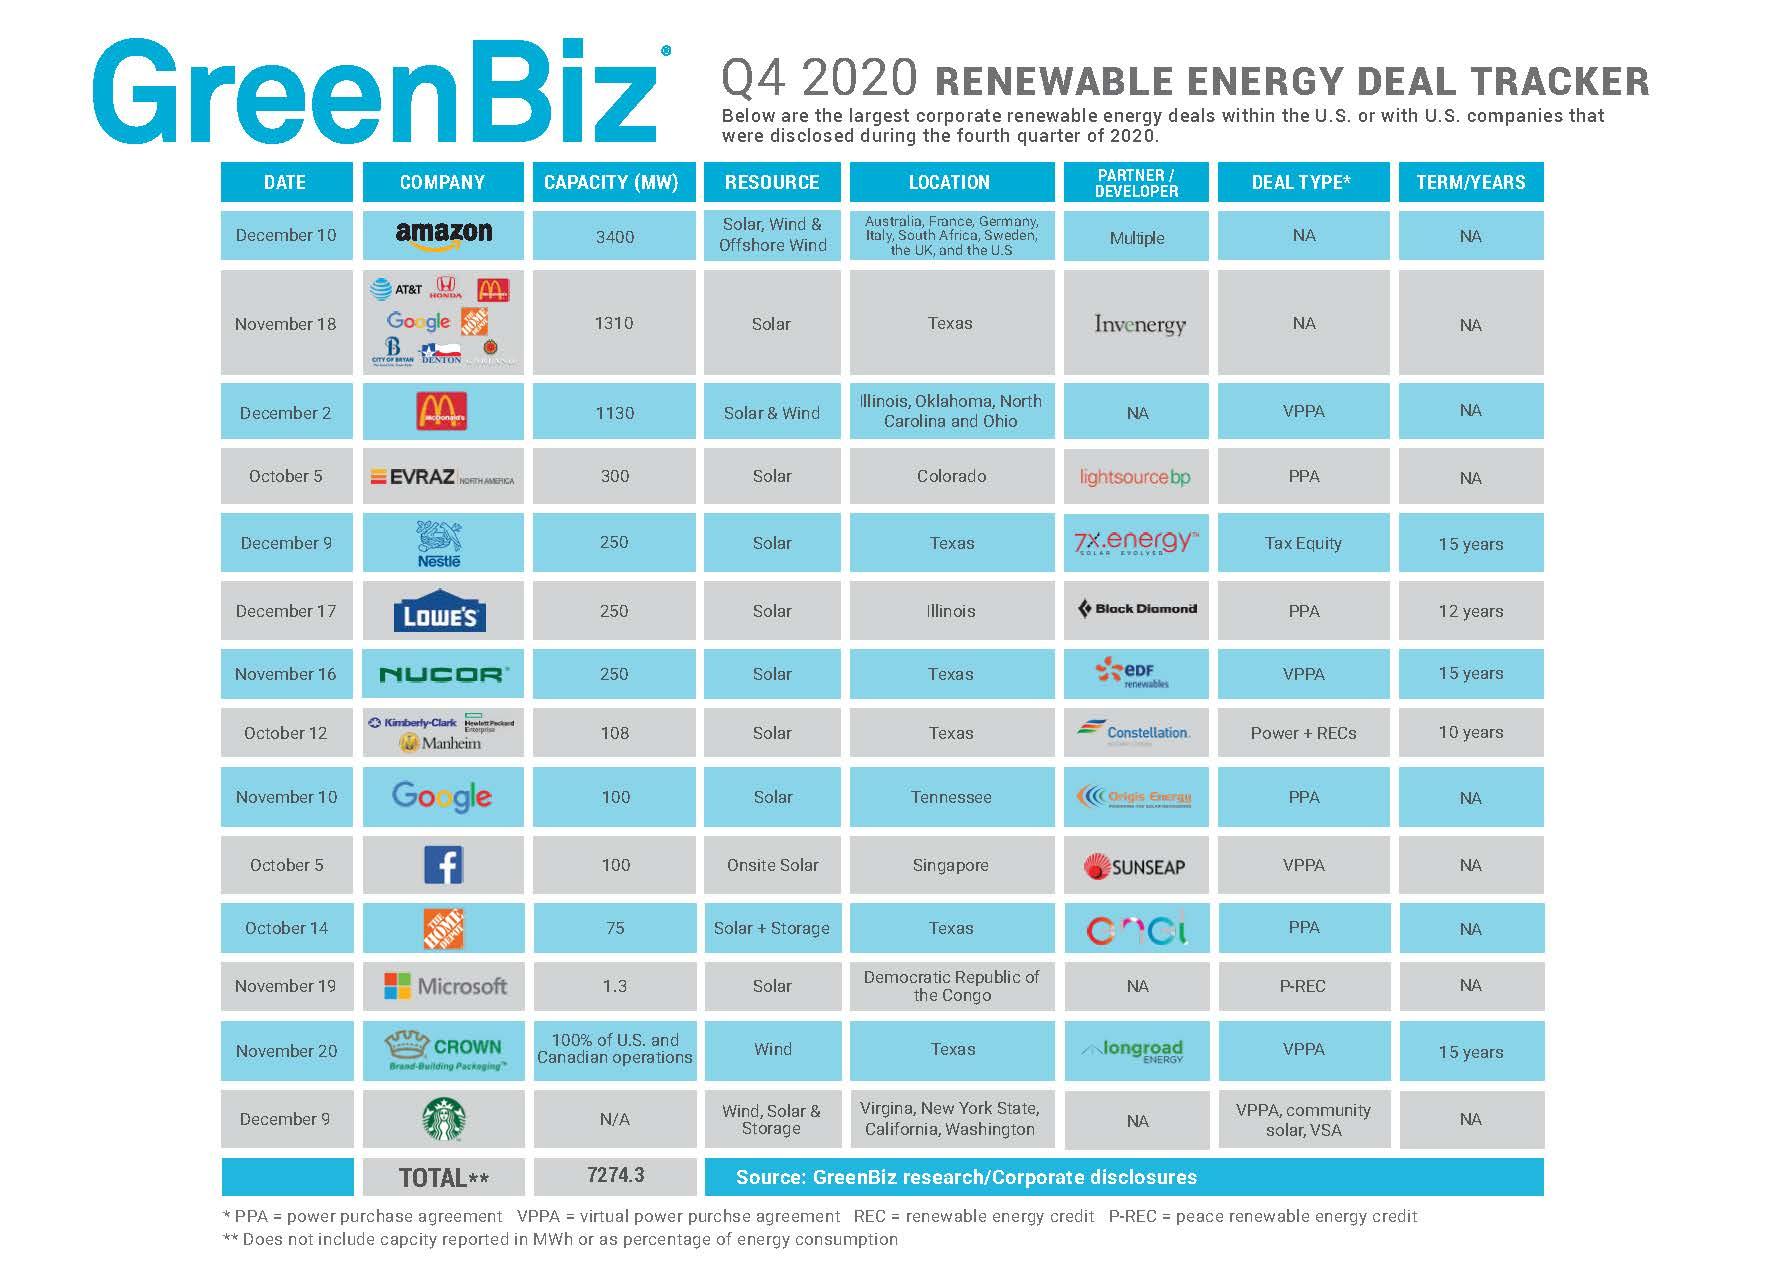 Q4 2020 Clean Energy Deal Tracker